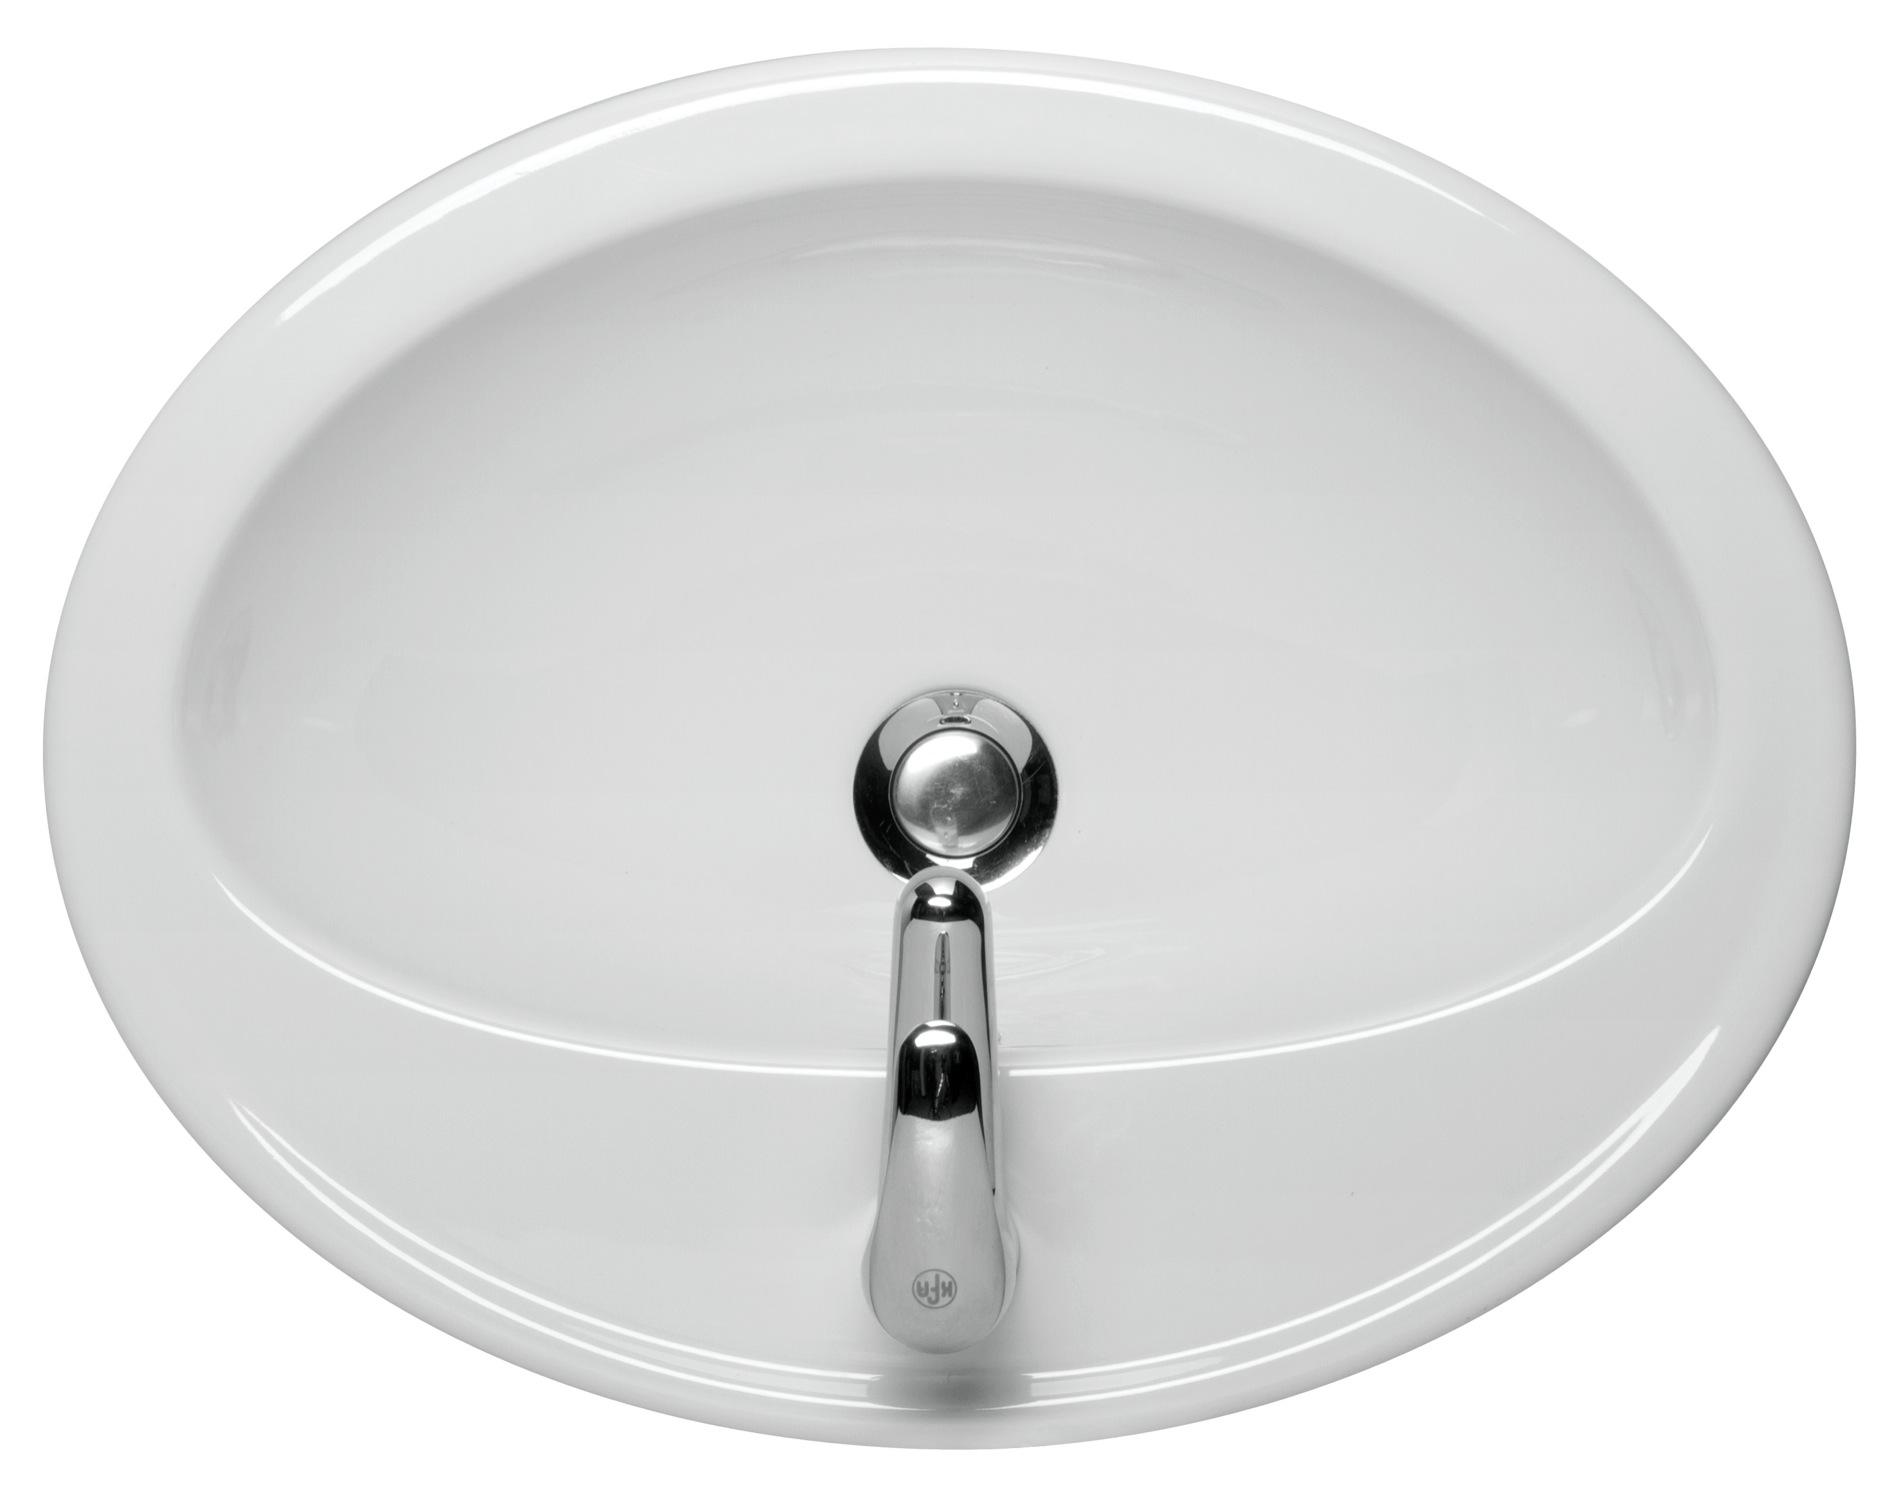 Умывальник мебельный Cersanit Calla без отверстия (K11-0096)